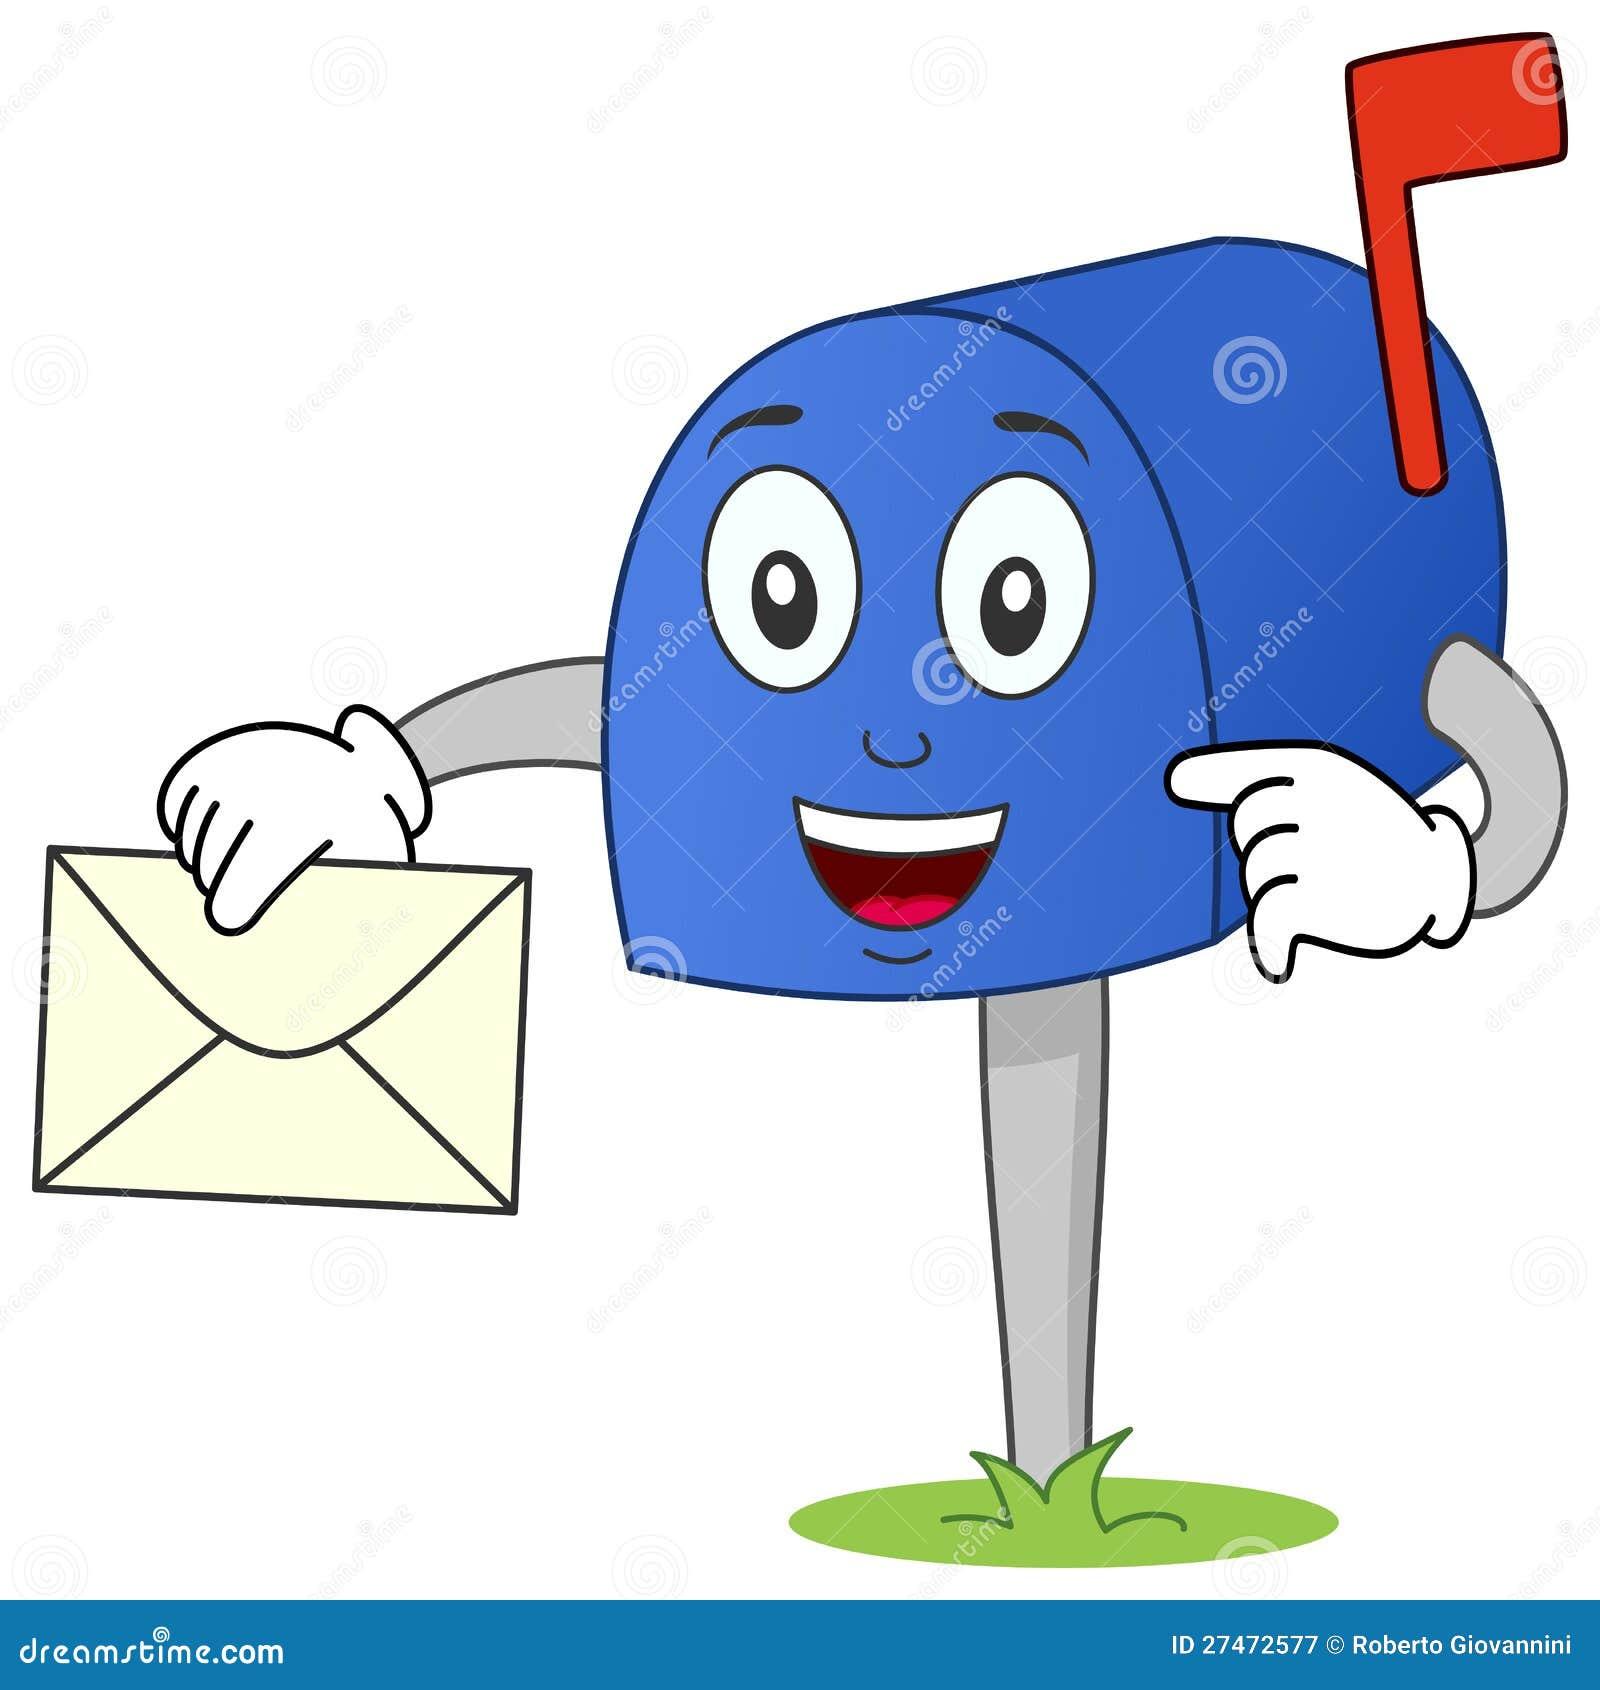 clipart gratuit boite aux lettres - photo #2